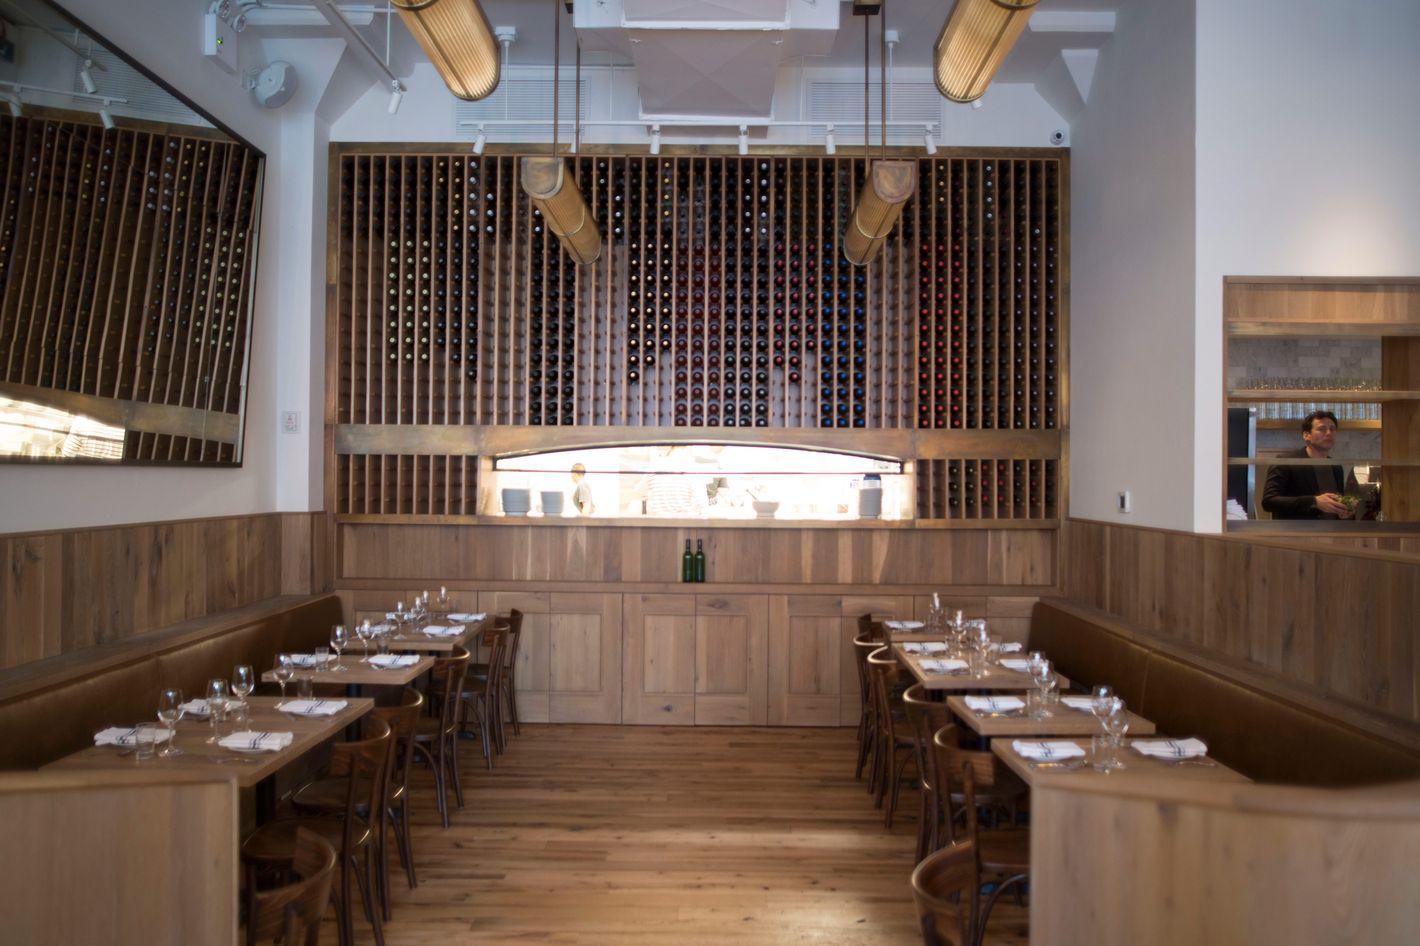 first look at café altro paradiso the estela team s new york take